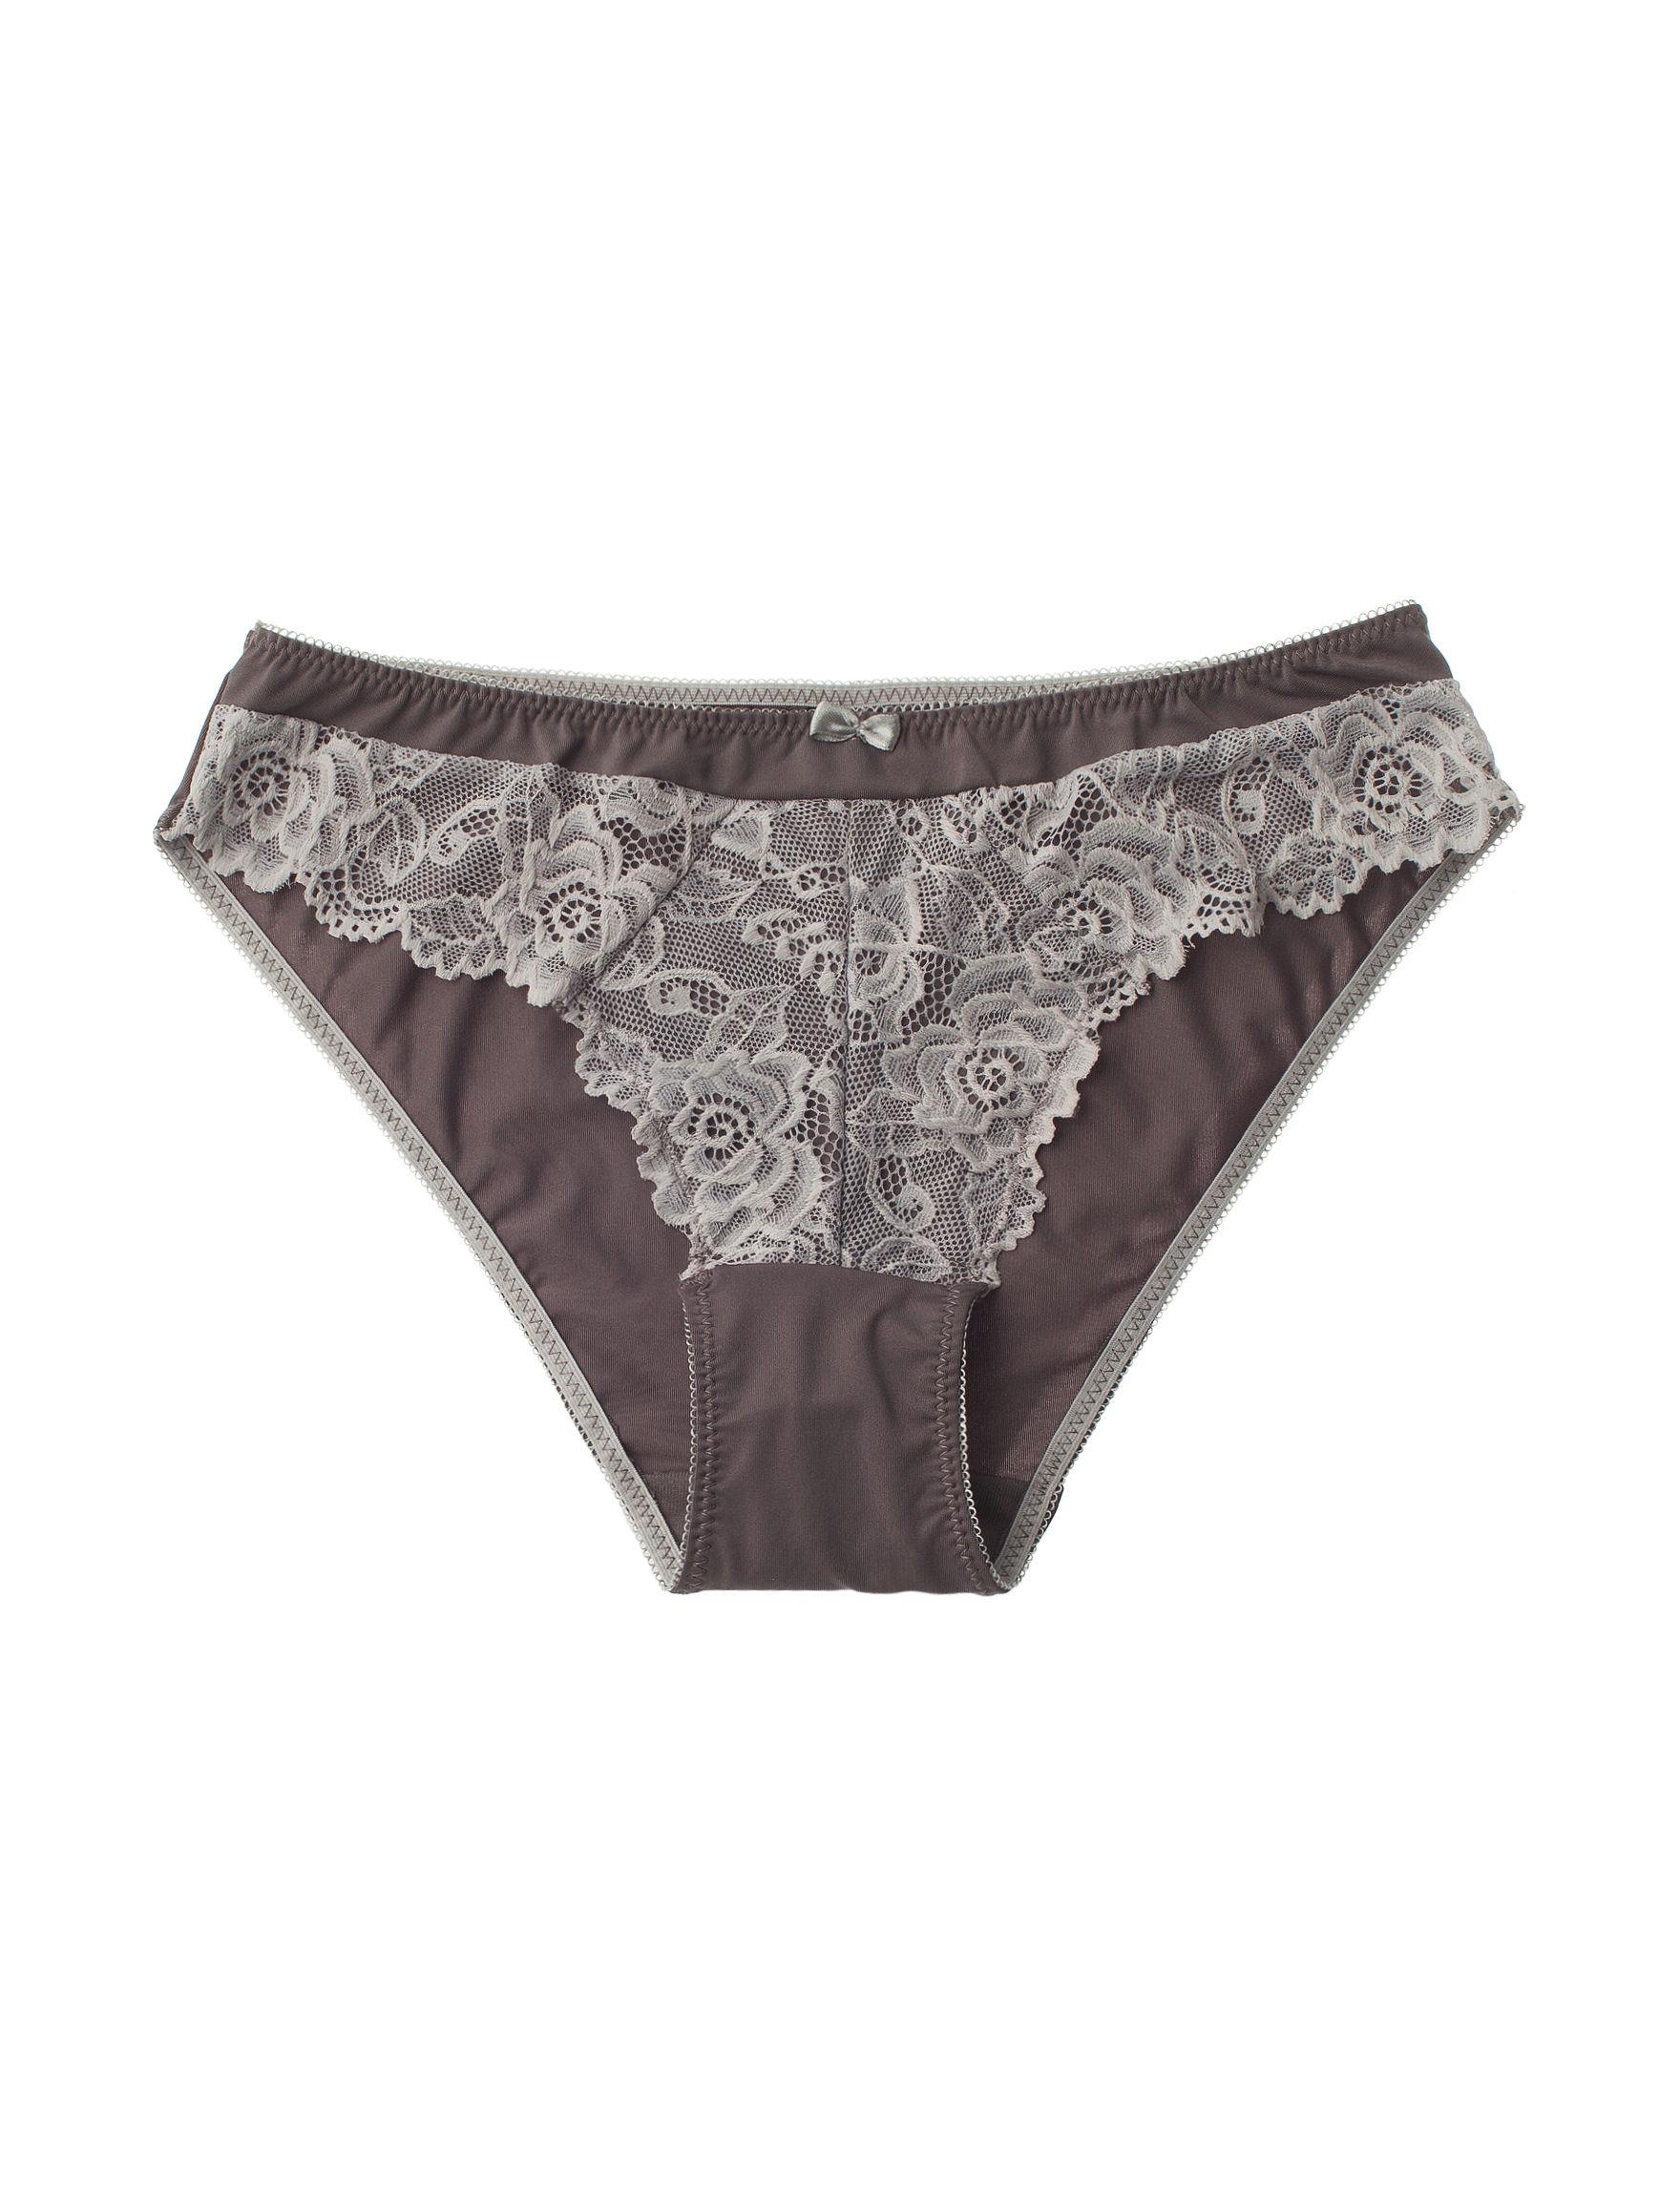 Rene Rofe Grey Panties Bikini High Cut